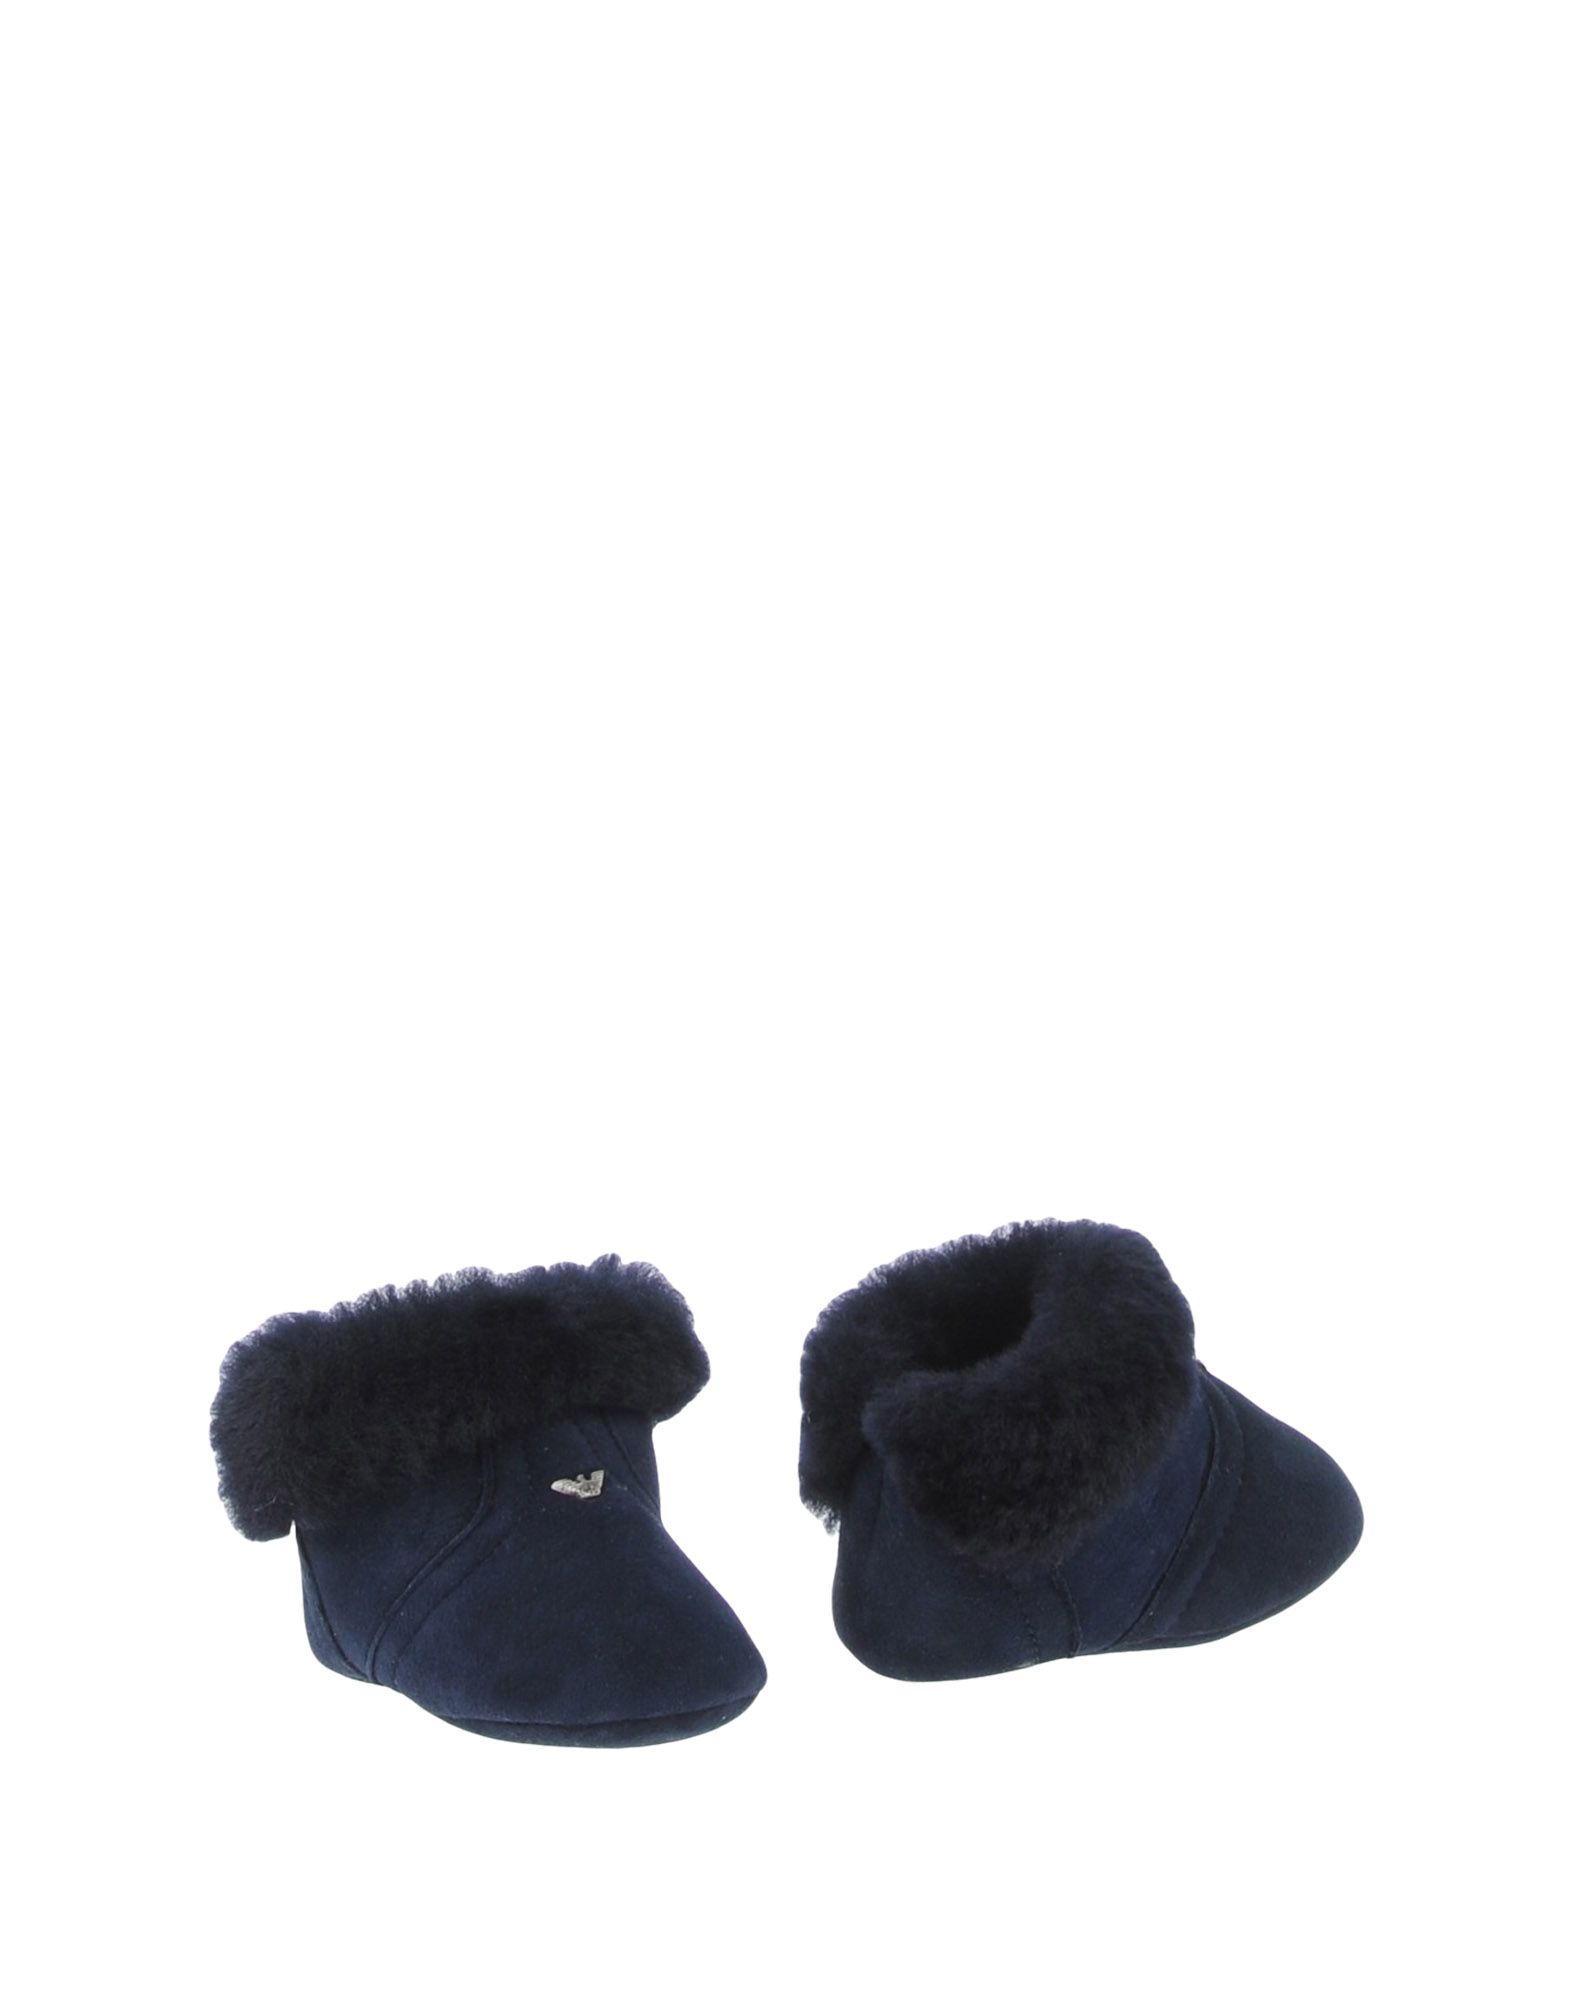 ARMANI BABY Обувь для новорожденных обувь для детей